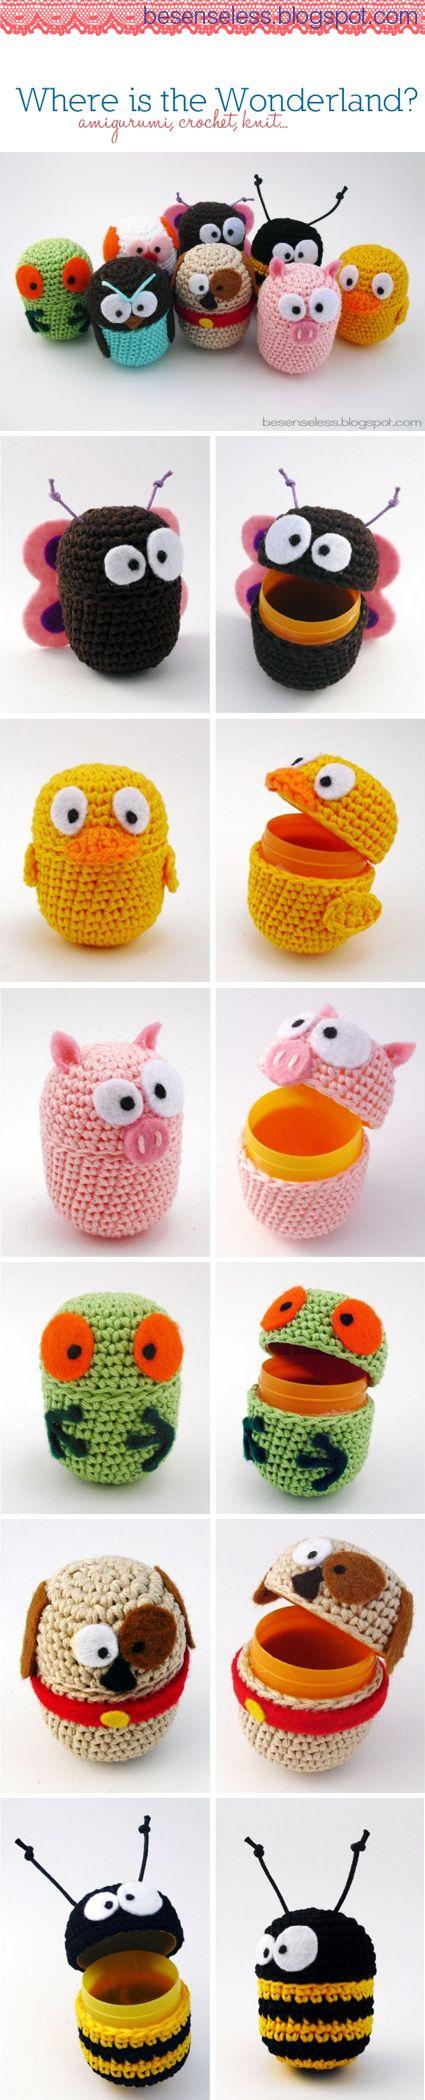 卵·あみぐるみ | ovetti-amigurumi | eggs-amigurumi #amigurumi #crochet #uncinetto…